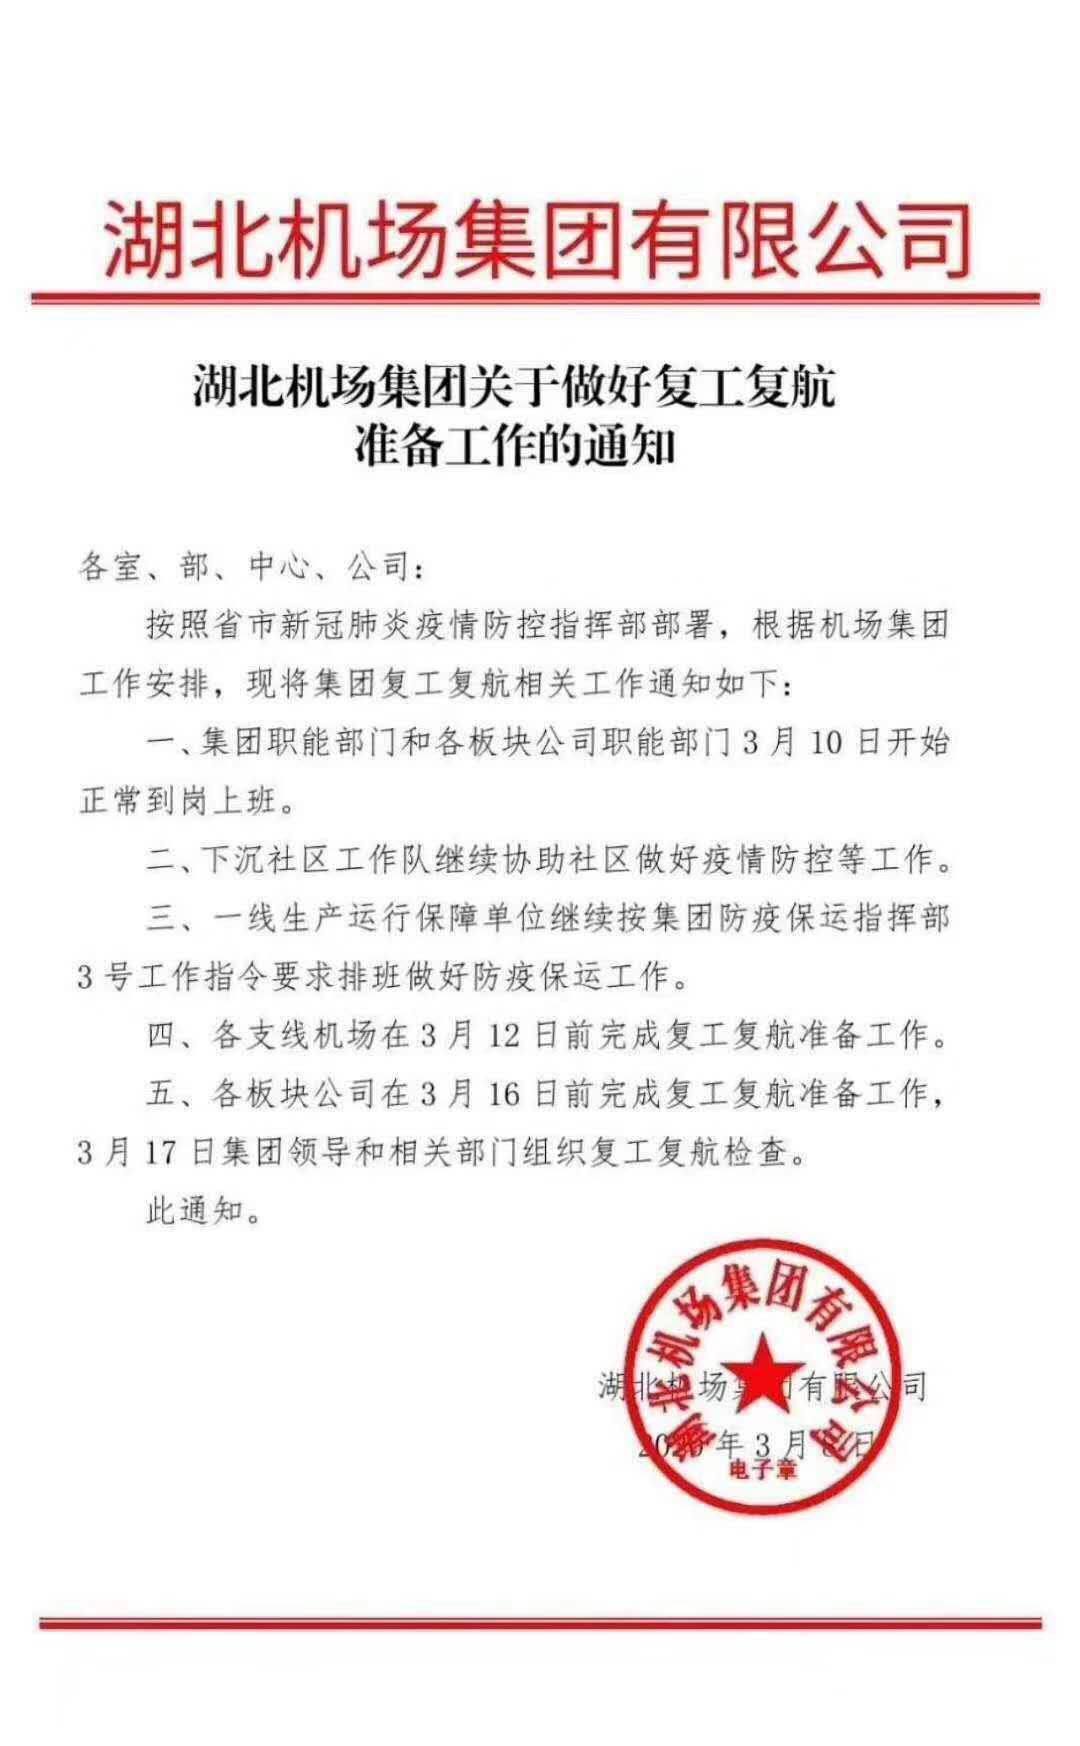 武汉天河机场回应复航传言:将按照国家部署和省市决定执行